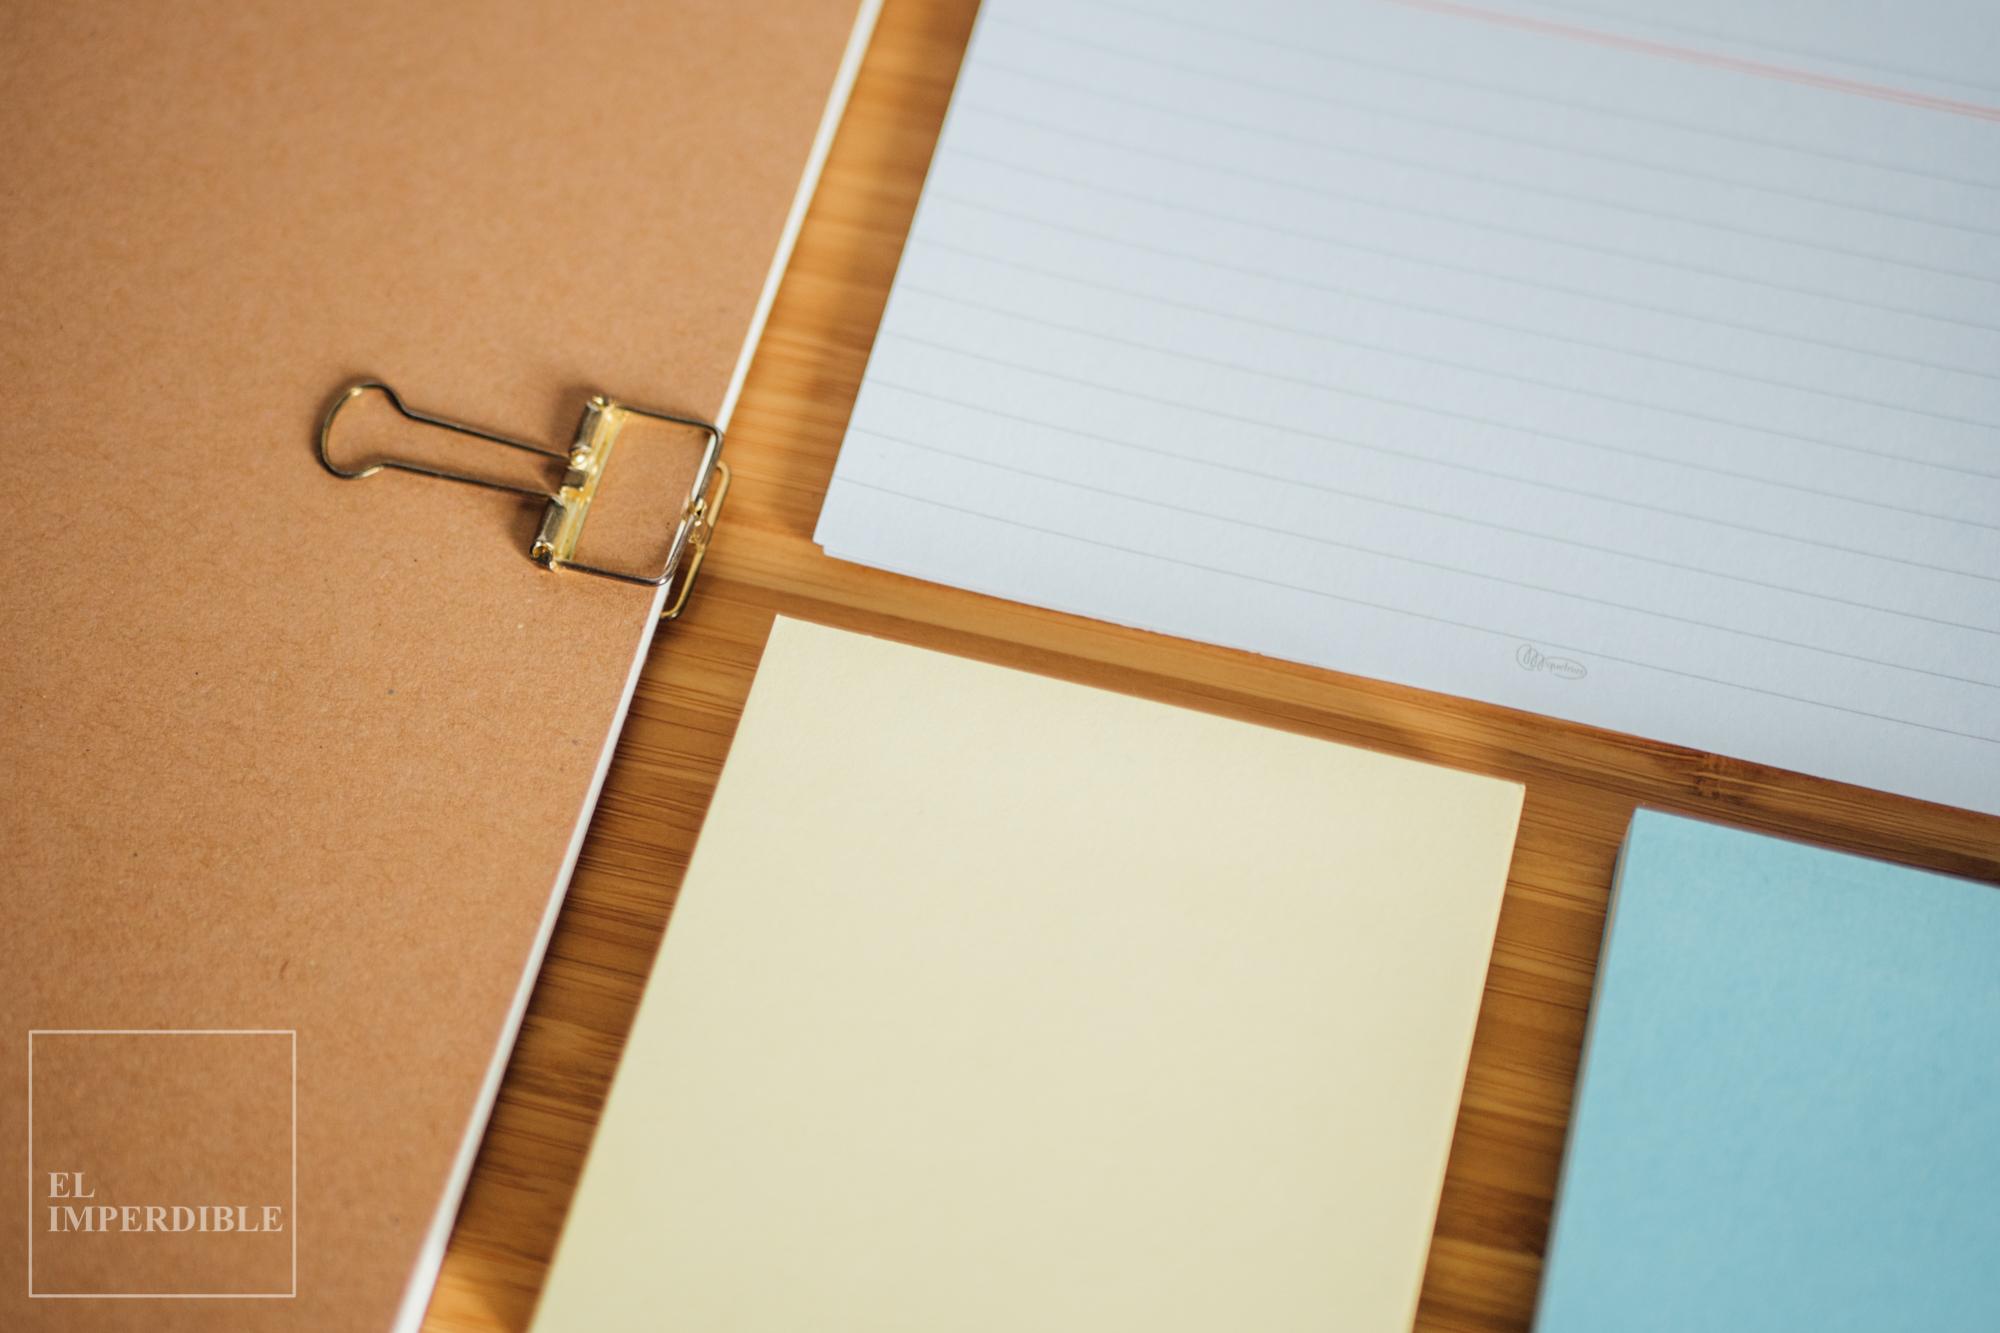 Kit de papelería para escritores